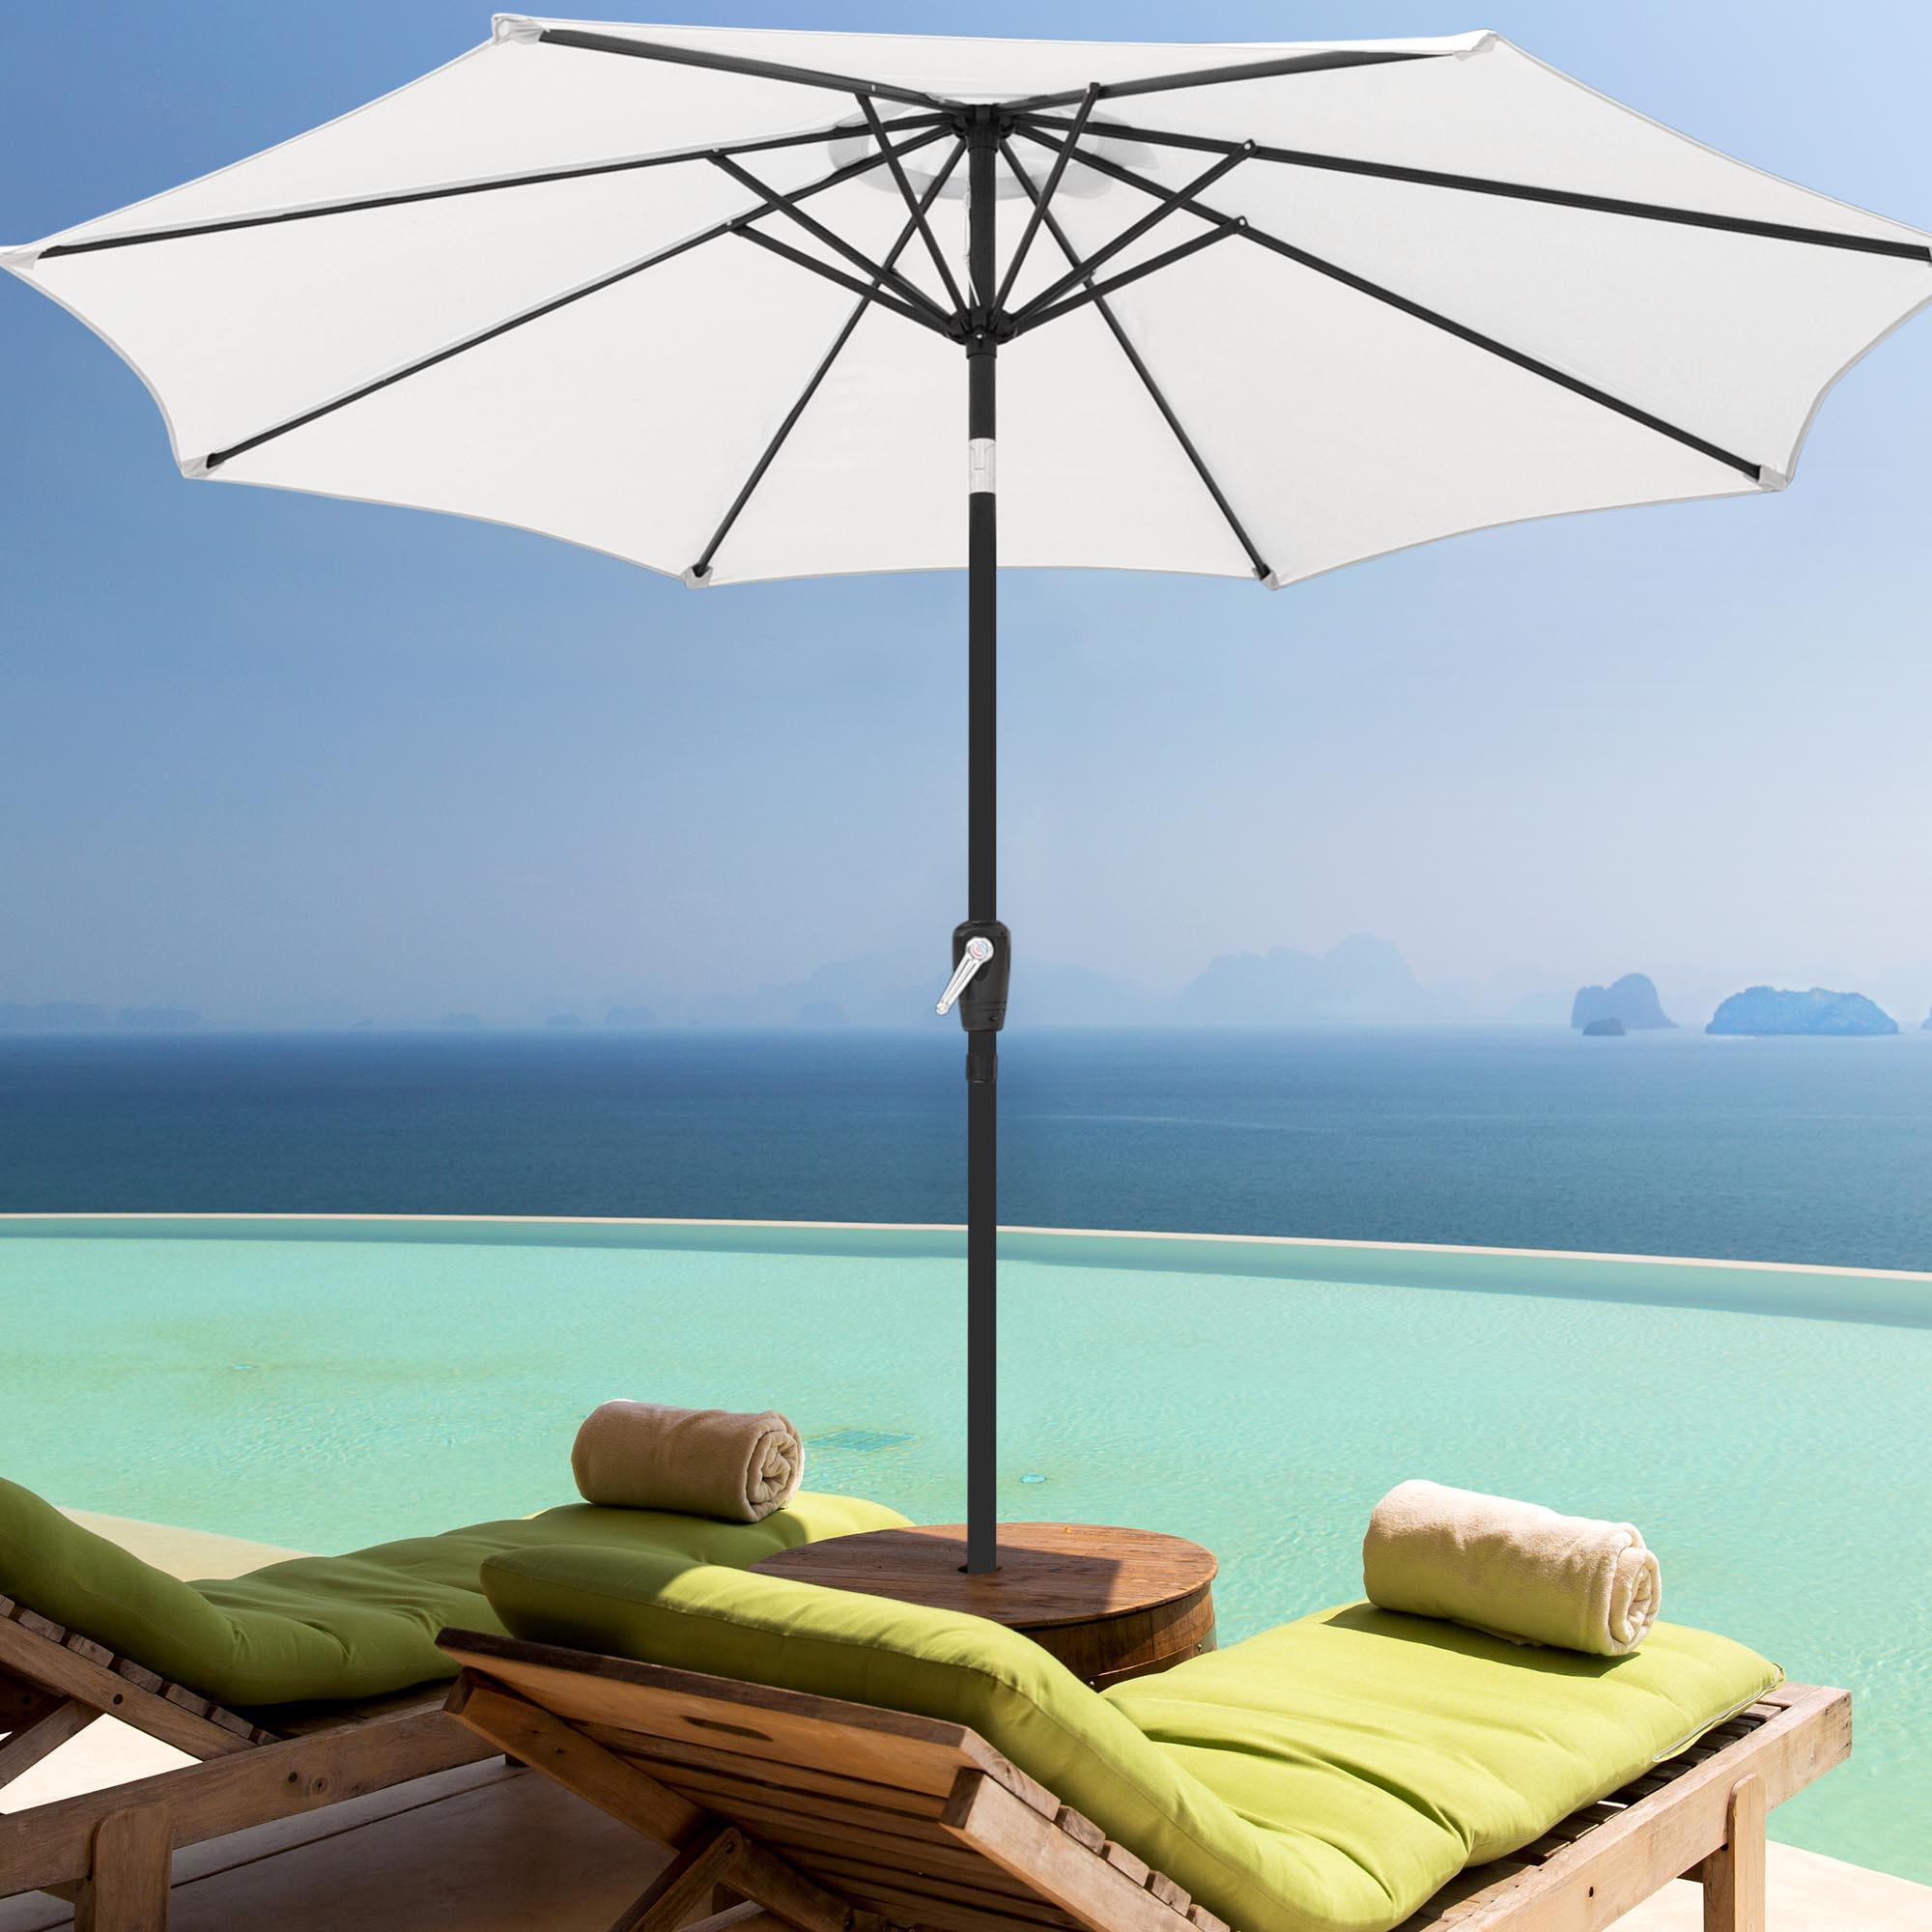 thumbnail 110 - 9' Outdoor Umbrella Patio 8 Ribs Market Garden Crank Tilt Beach Sunshade Parasol